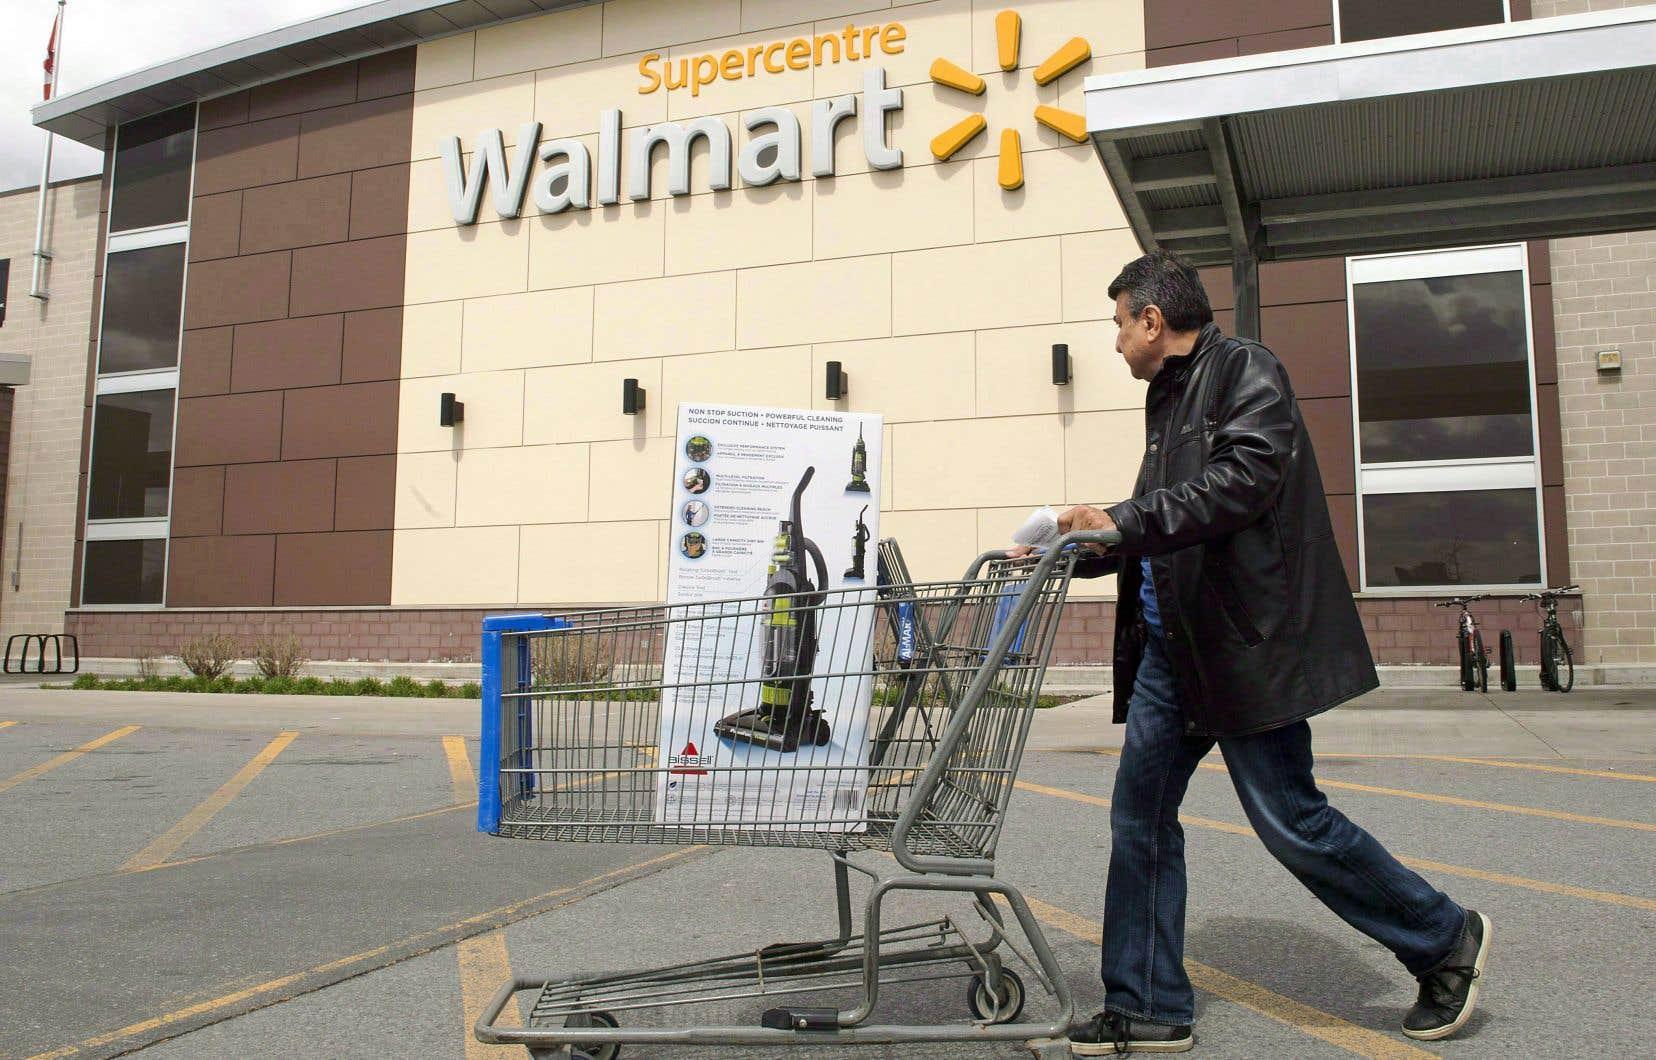 Wal-Mart assure avoir notamment observé une hausse de la fréquentation, aussi bien sur ses plateformes en ligne que dans ses magasins.